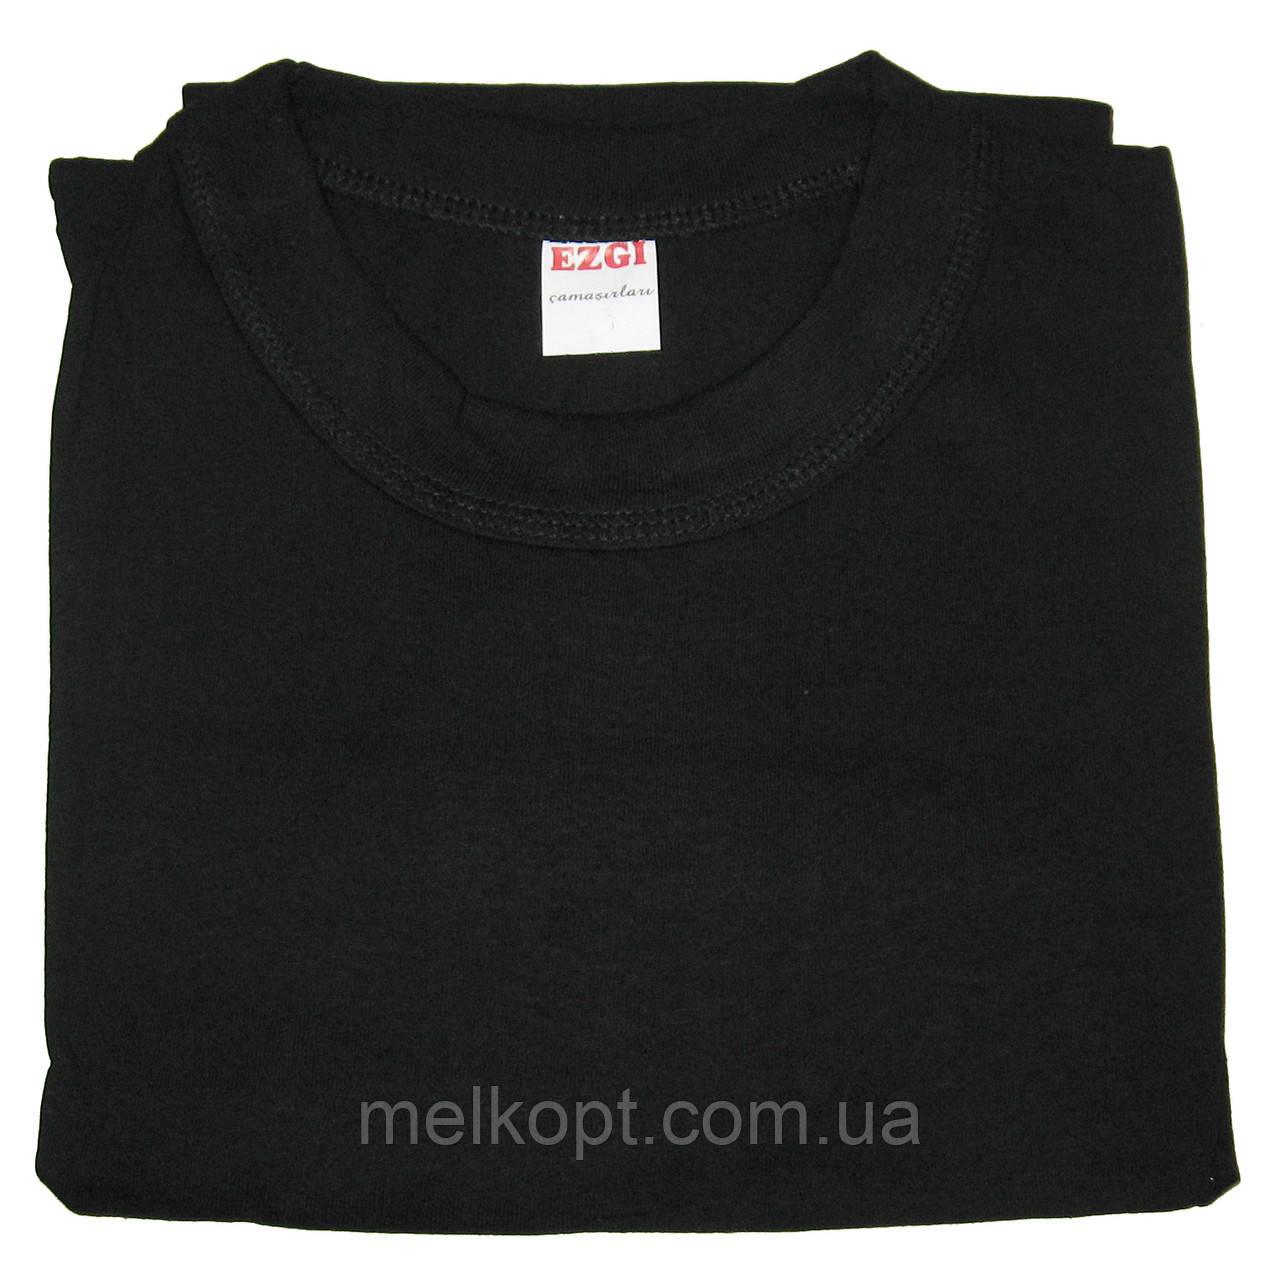 Мужские футболки Ezgi - 63,00 грн./шт. (60-й размер, черные)